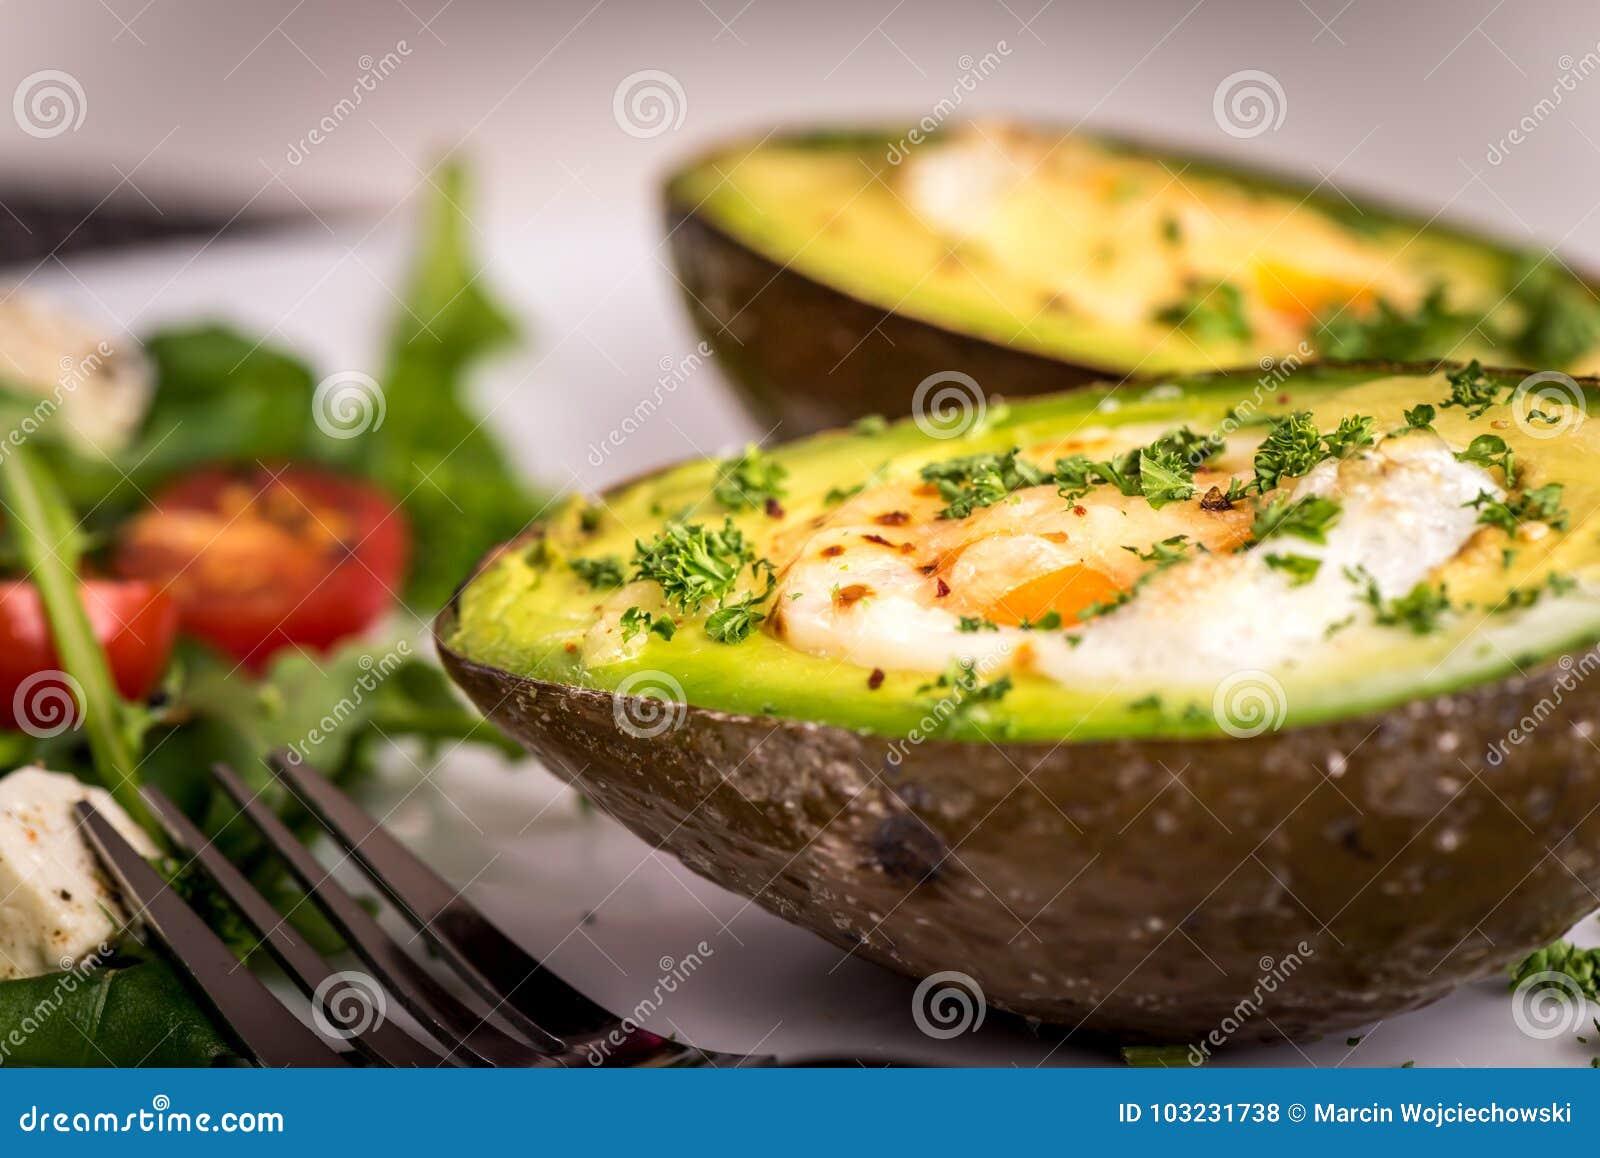 Zdrowy weganinu naczynie - avocado piec z jajkiem i sałatką z rucola